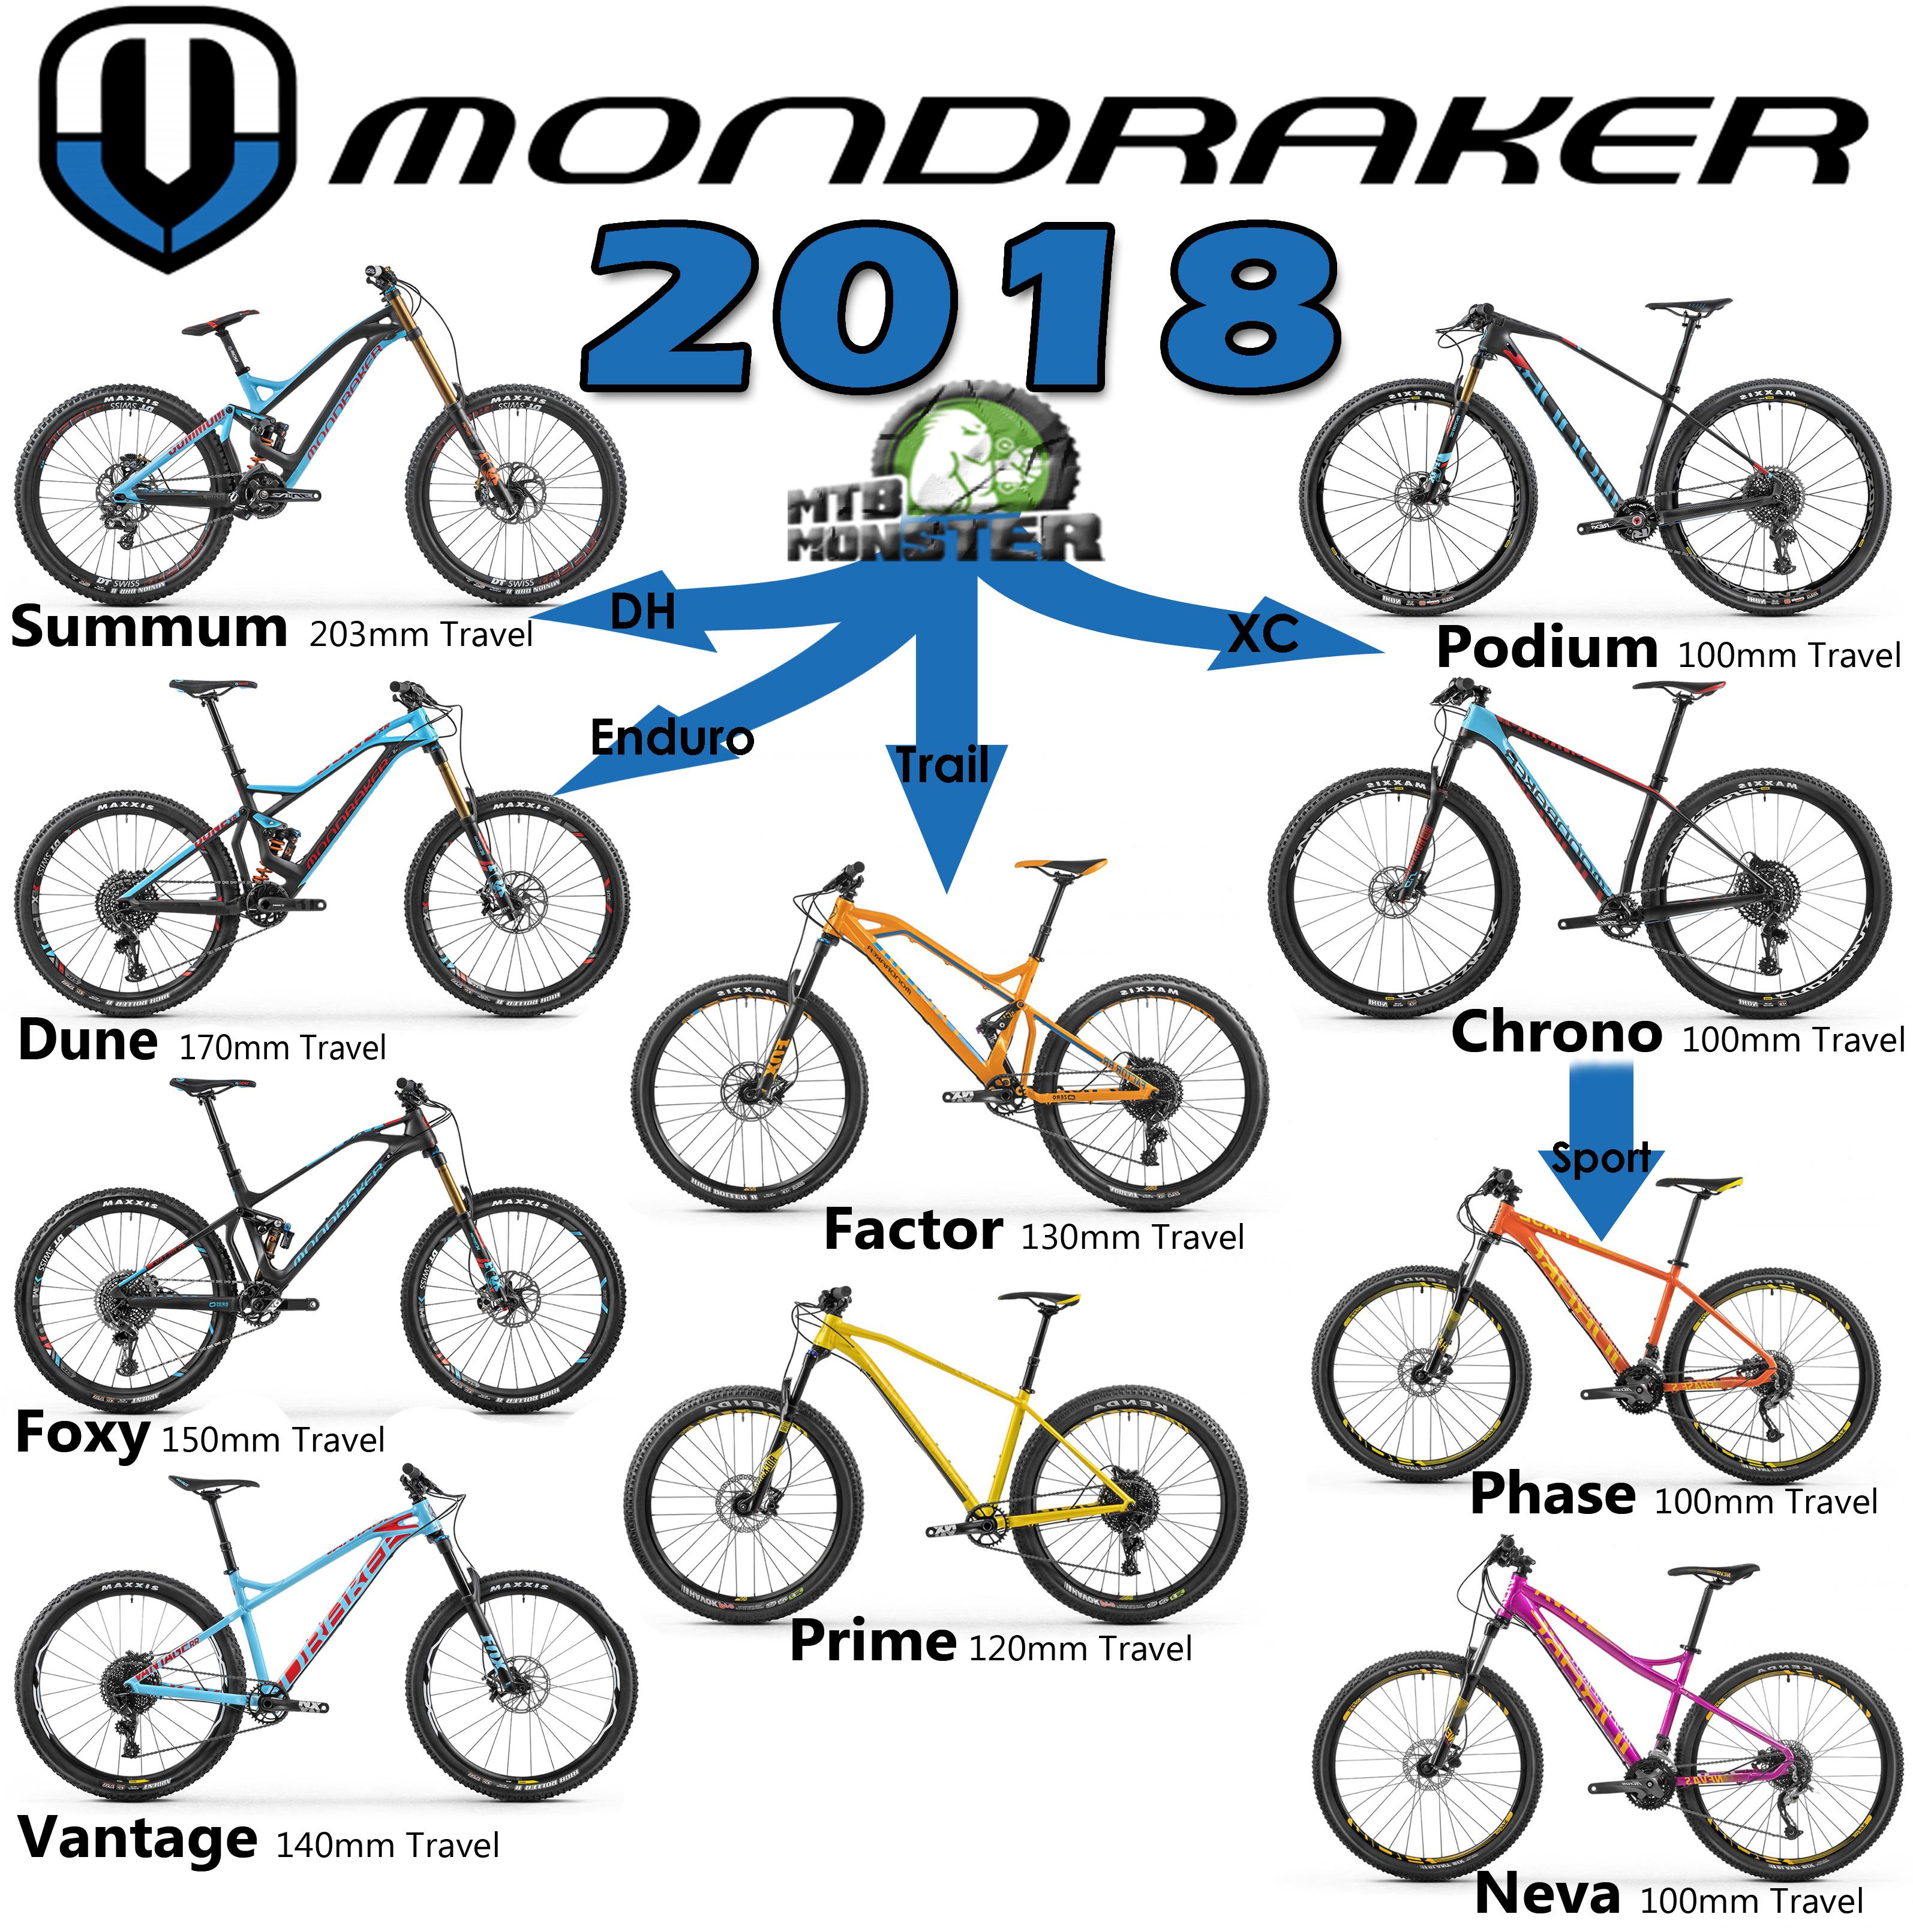 latest-2018-mondraker-bikes-range-and-information-and-guide-uk-dealer-mtb-monster.jpg